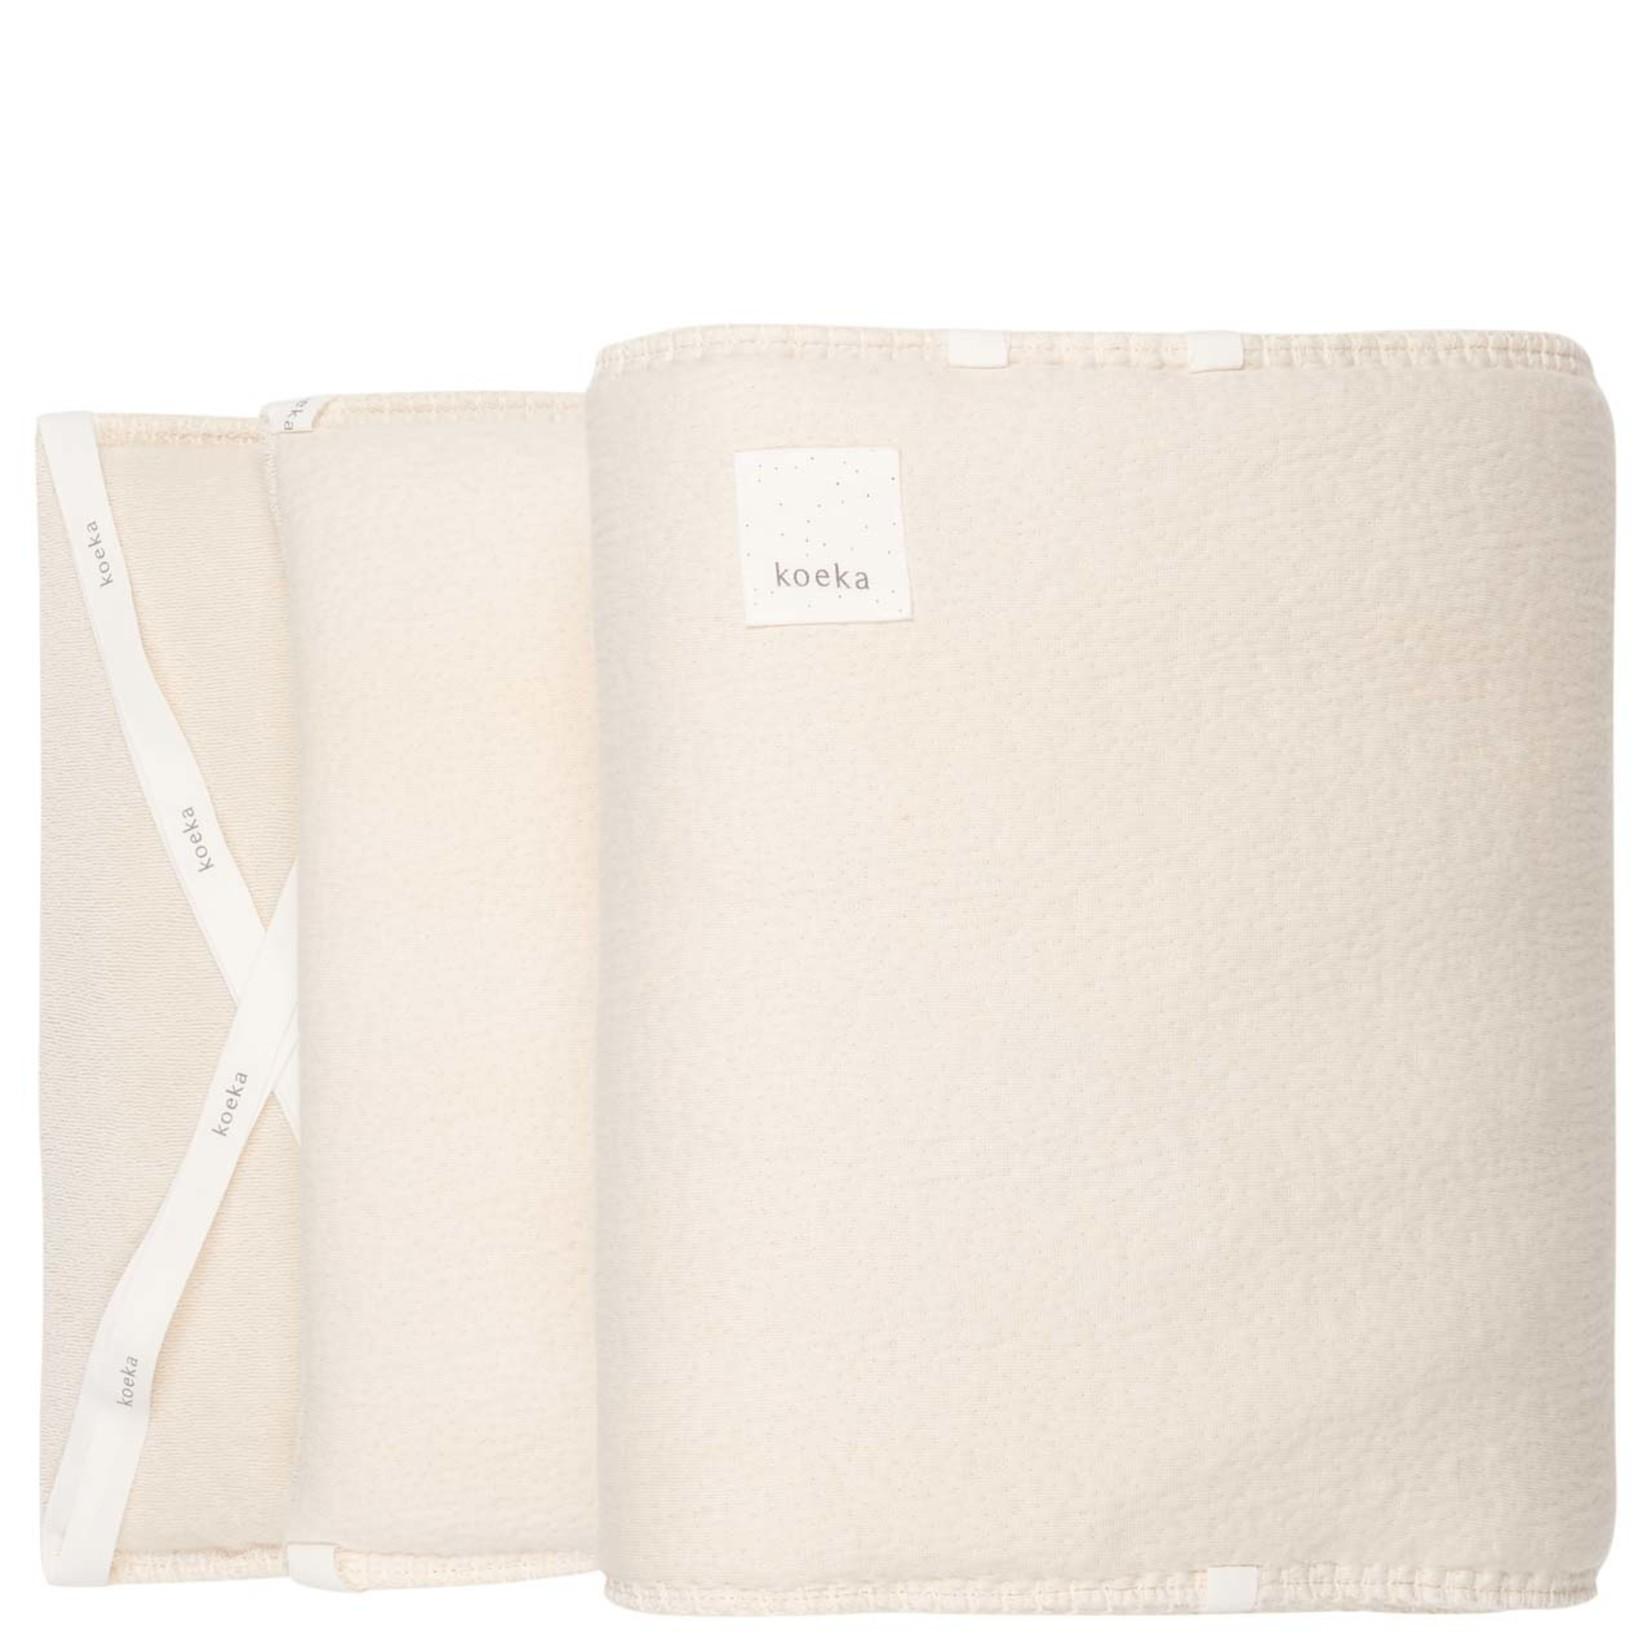 KOEKA Boxbumper Runa   Warm white